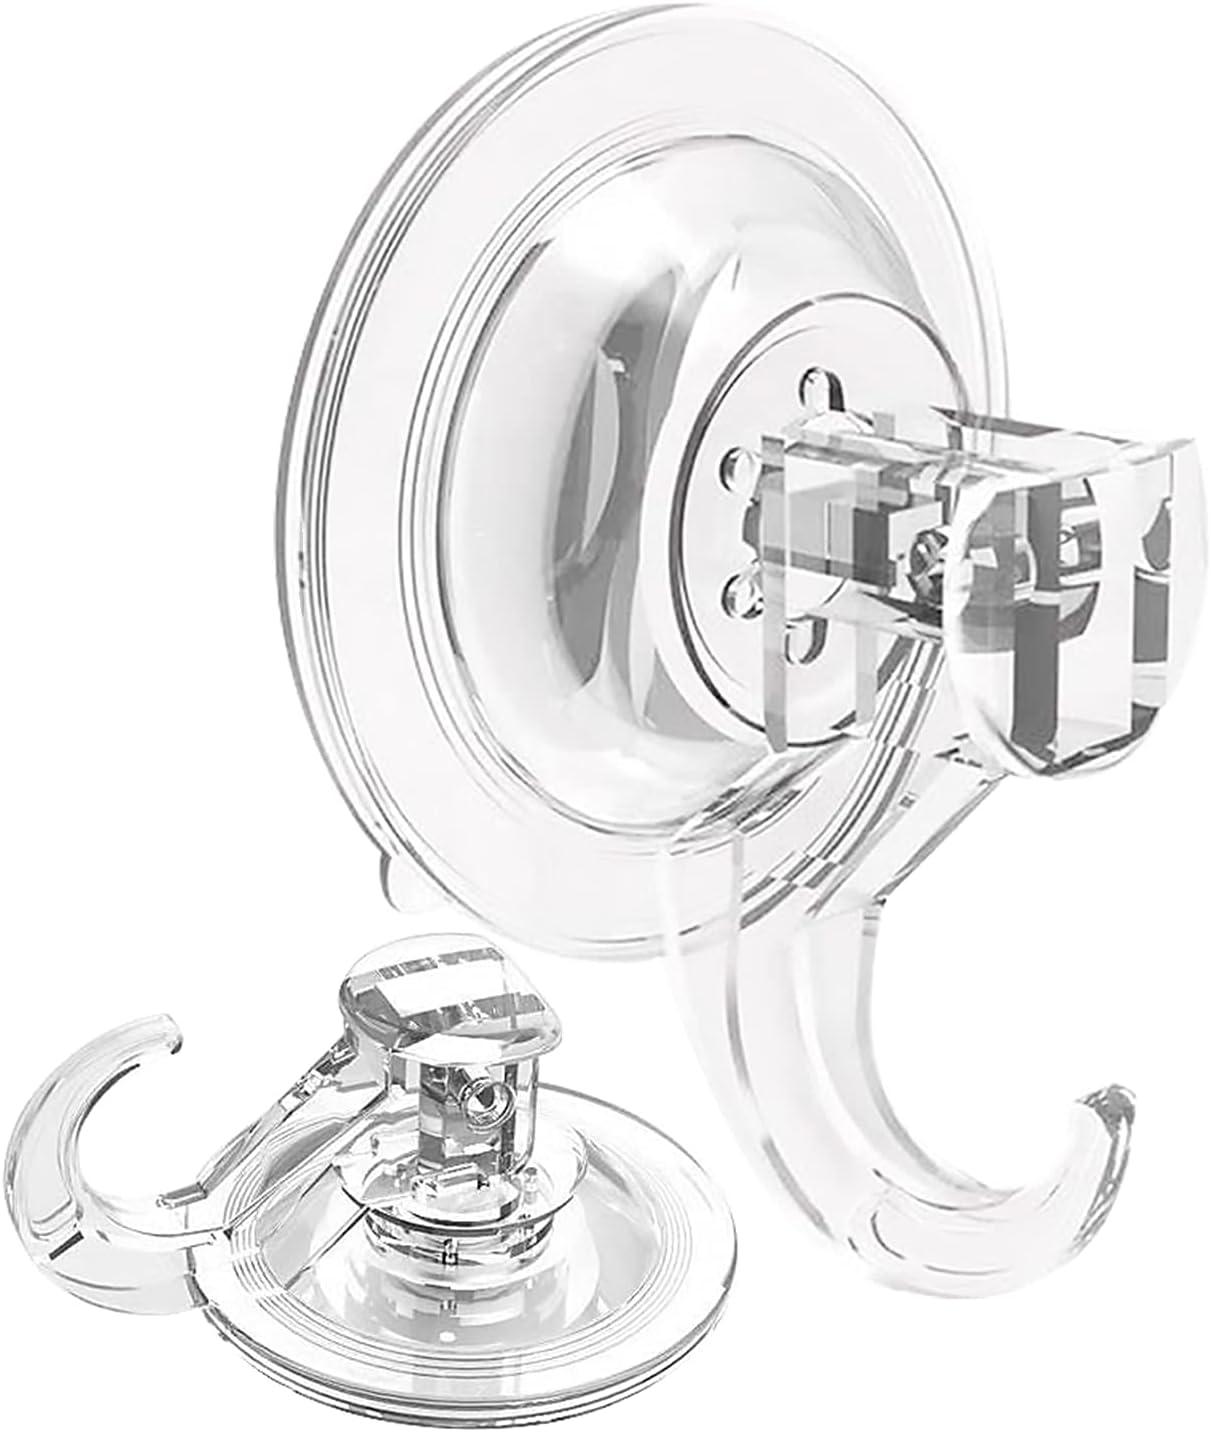 Gancho Ventosa 6 Piezas Transparente Plástico Potente Adsorción al Vacío Gancho,No Se Necesitan Clavos, Pegamento ni Tornillos,para Baño Pared Cocina Puertas Multiusos Colgar Gancho